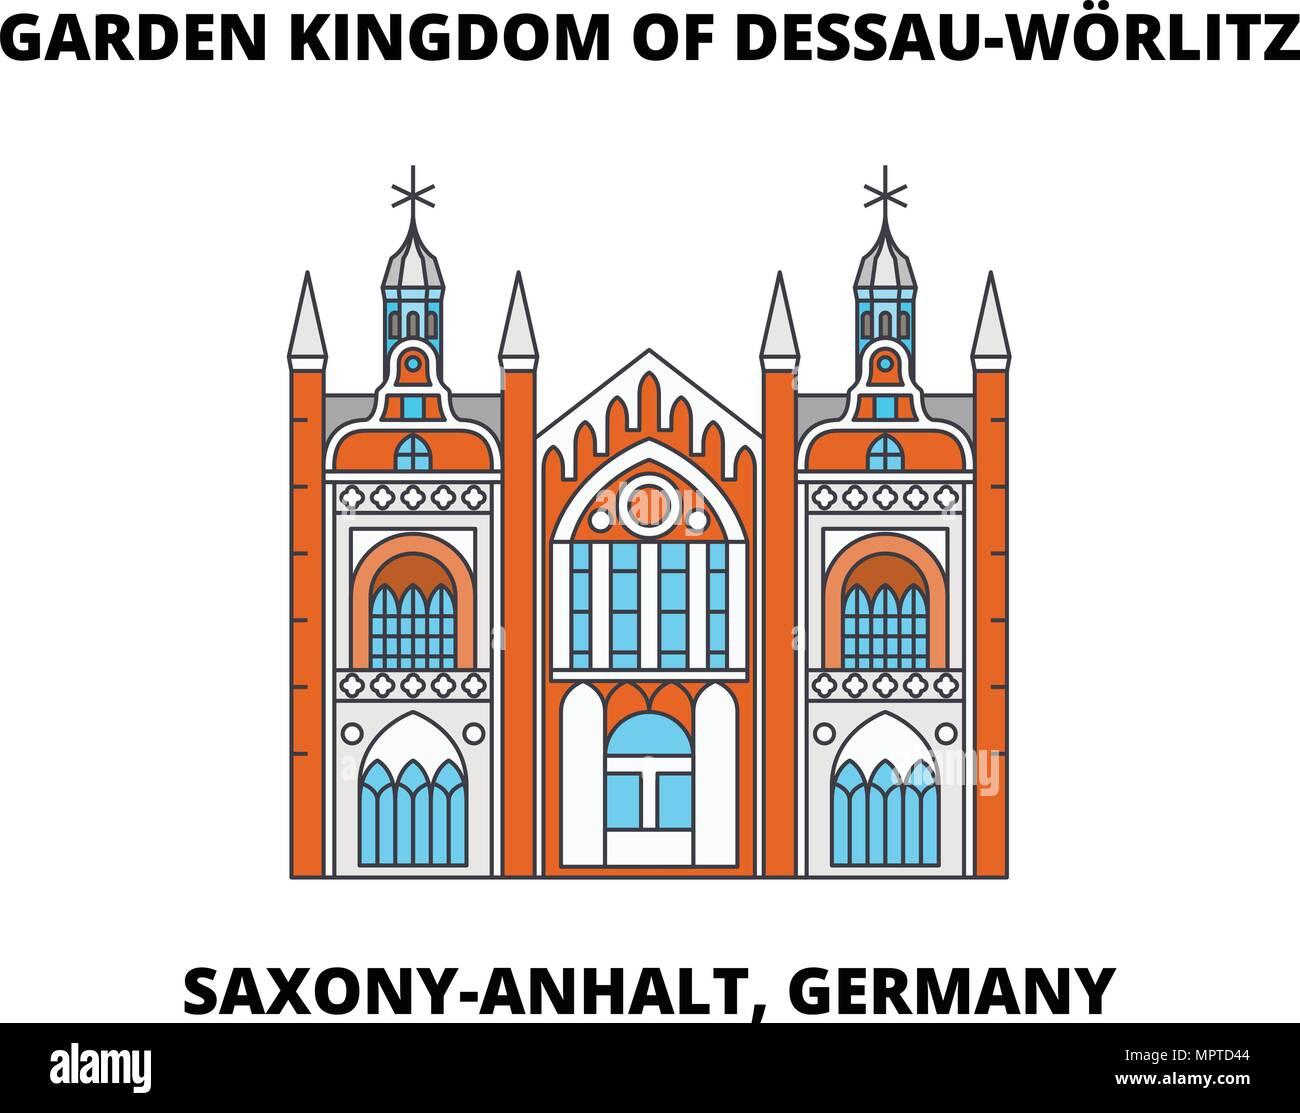 Dessau Wörlitz Garden Realm Stockfotos & Dessau Wörlitz